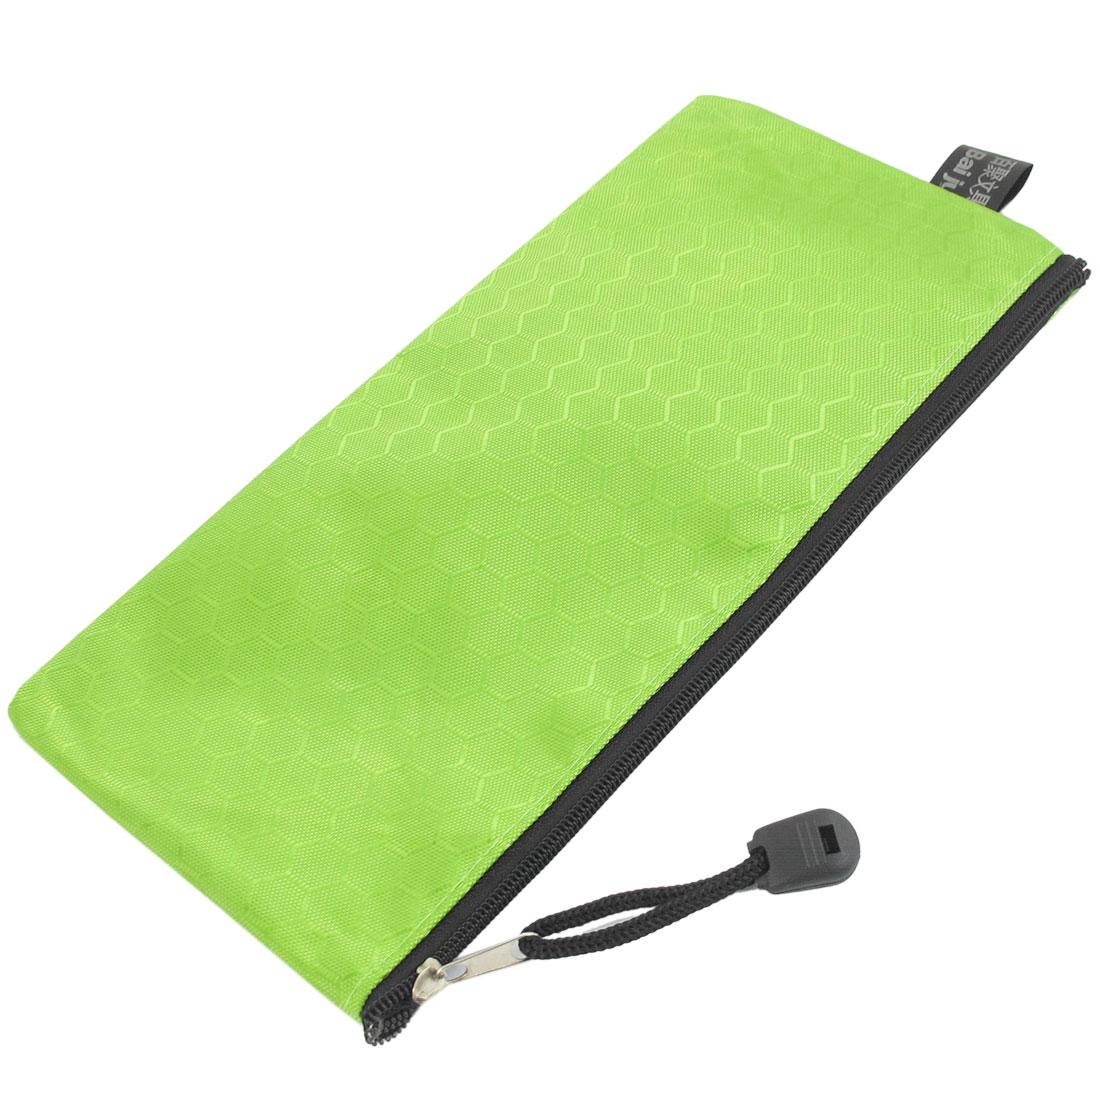 PVC Canvas Zipper Closure Cosmetic Paper Pen Pencil Stationery Bag Case Green